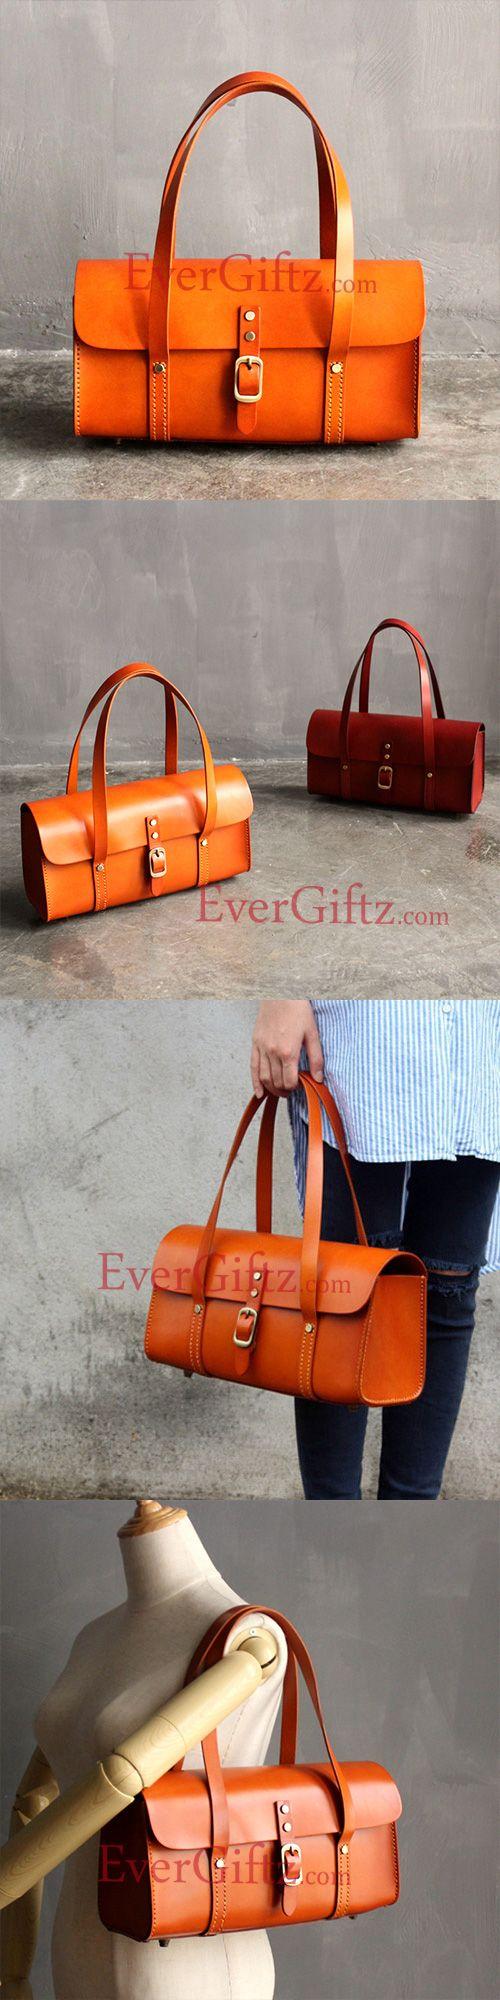 Handmade leather vintage women handbag shoulder bag shopper bag